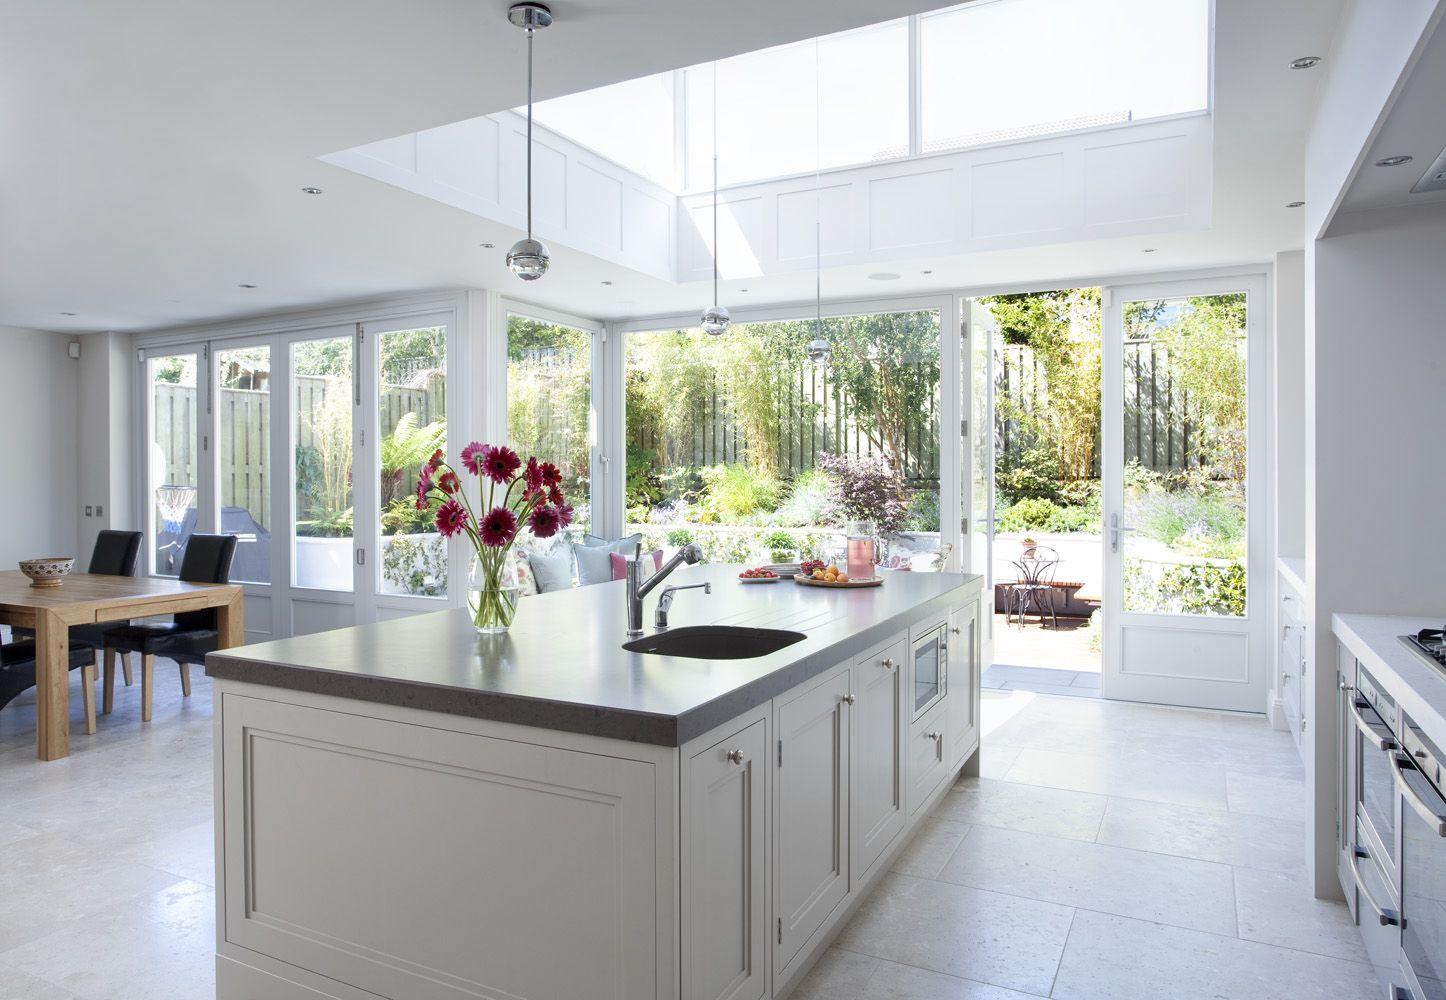 Contemporary Kitchens Contemporary Kitchens Dublin Contemporary Kitchens Ireland Contemporary Kitchen Modern Kitchen Design Contemporary Modern Kitchen